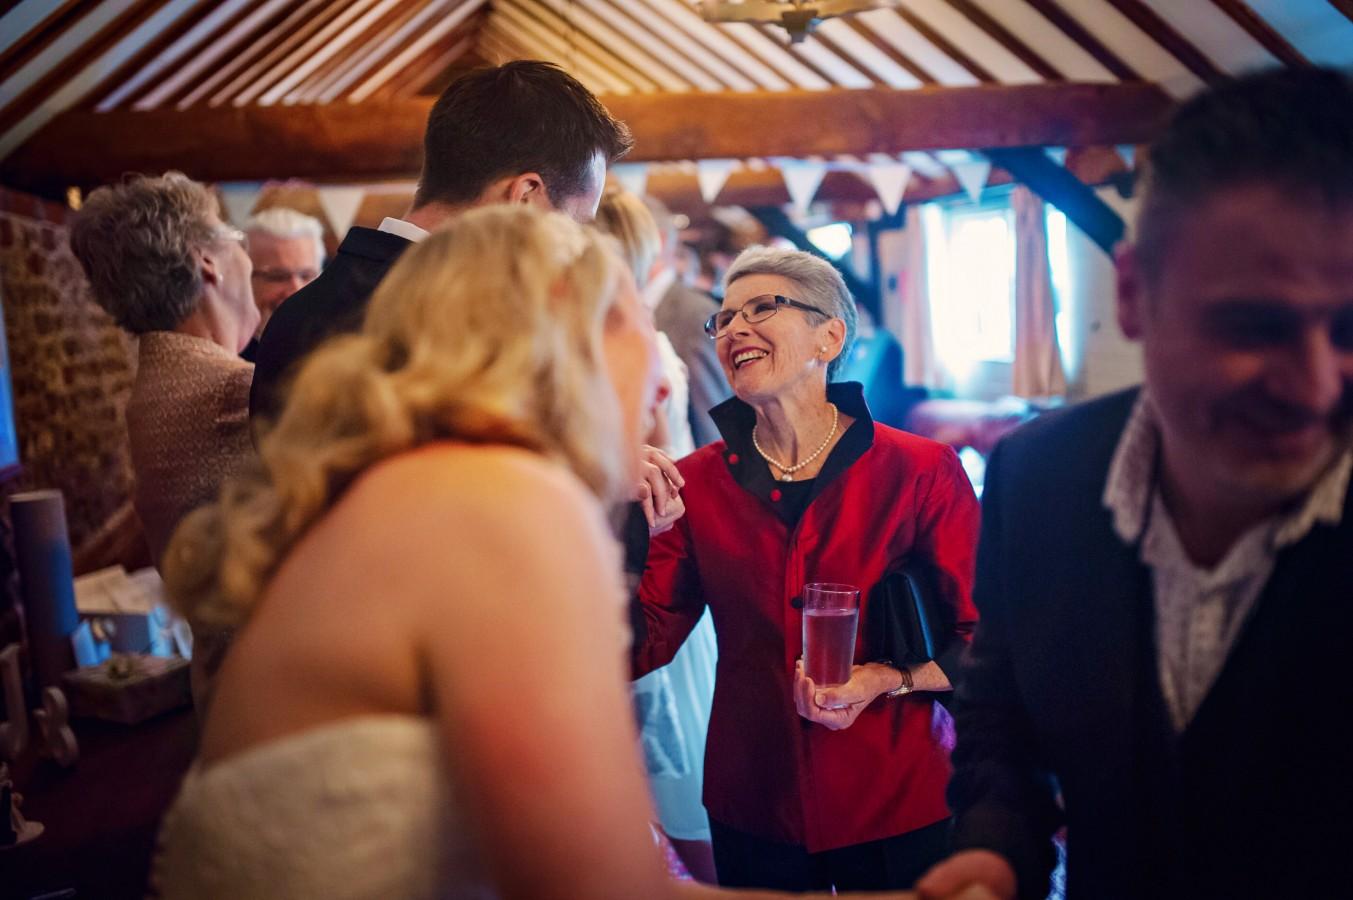 Hampshire Wedding Photographer - GK Photography-34